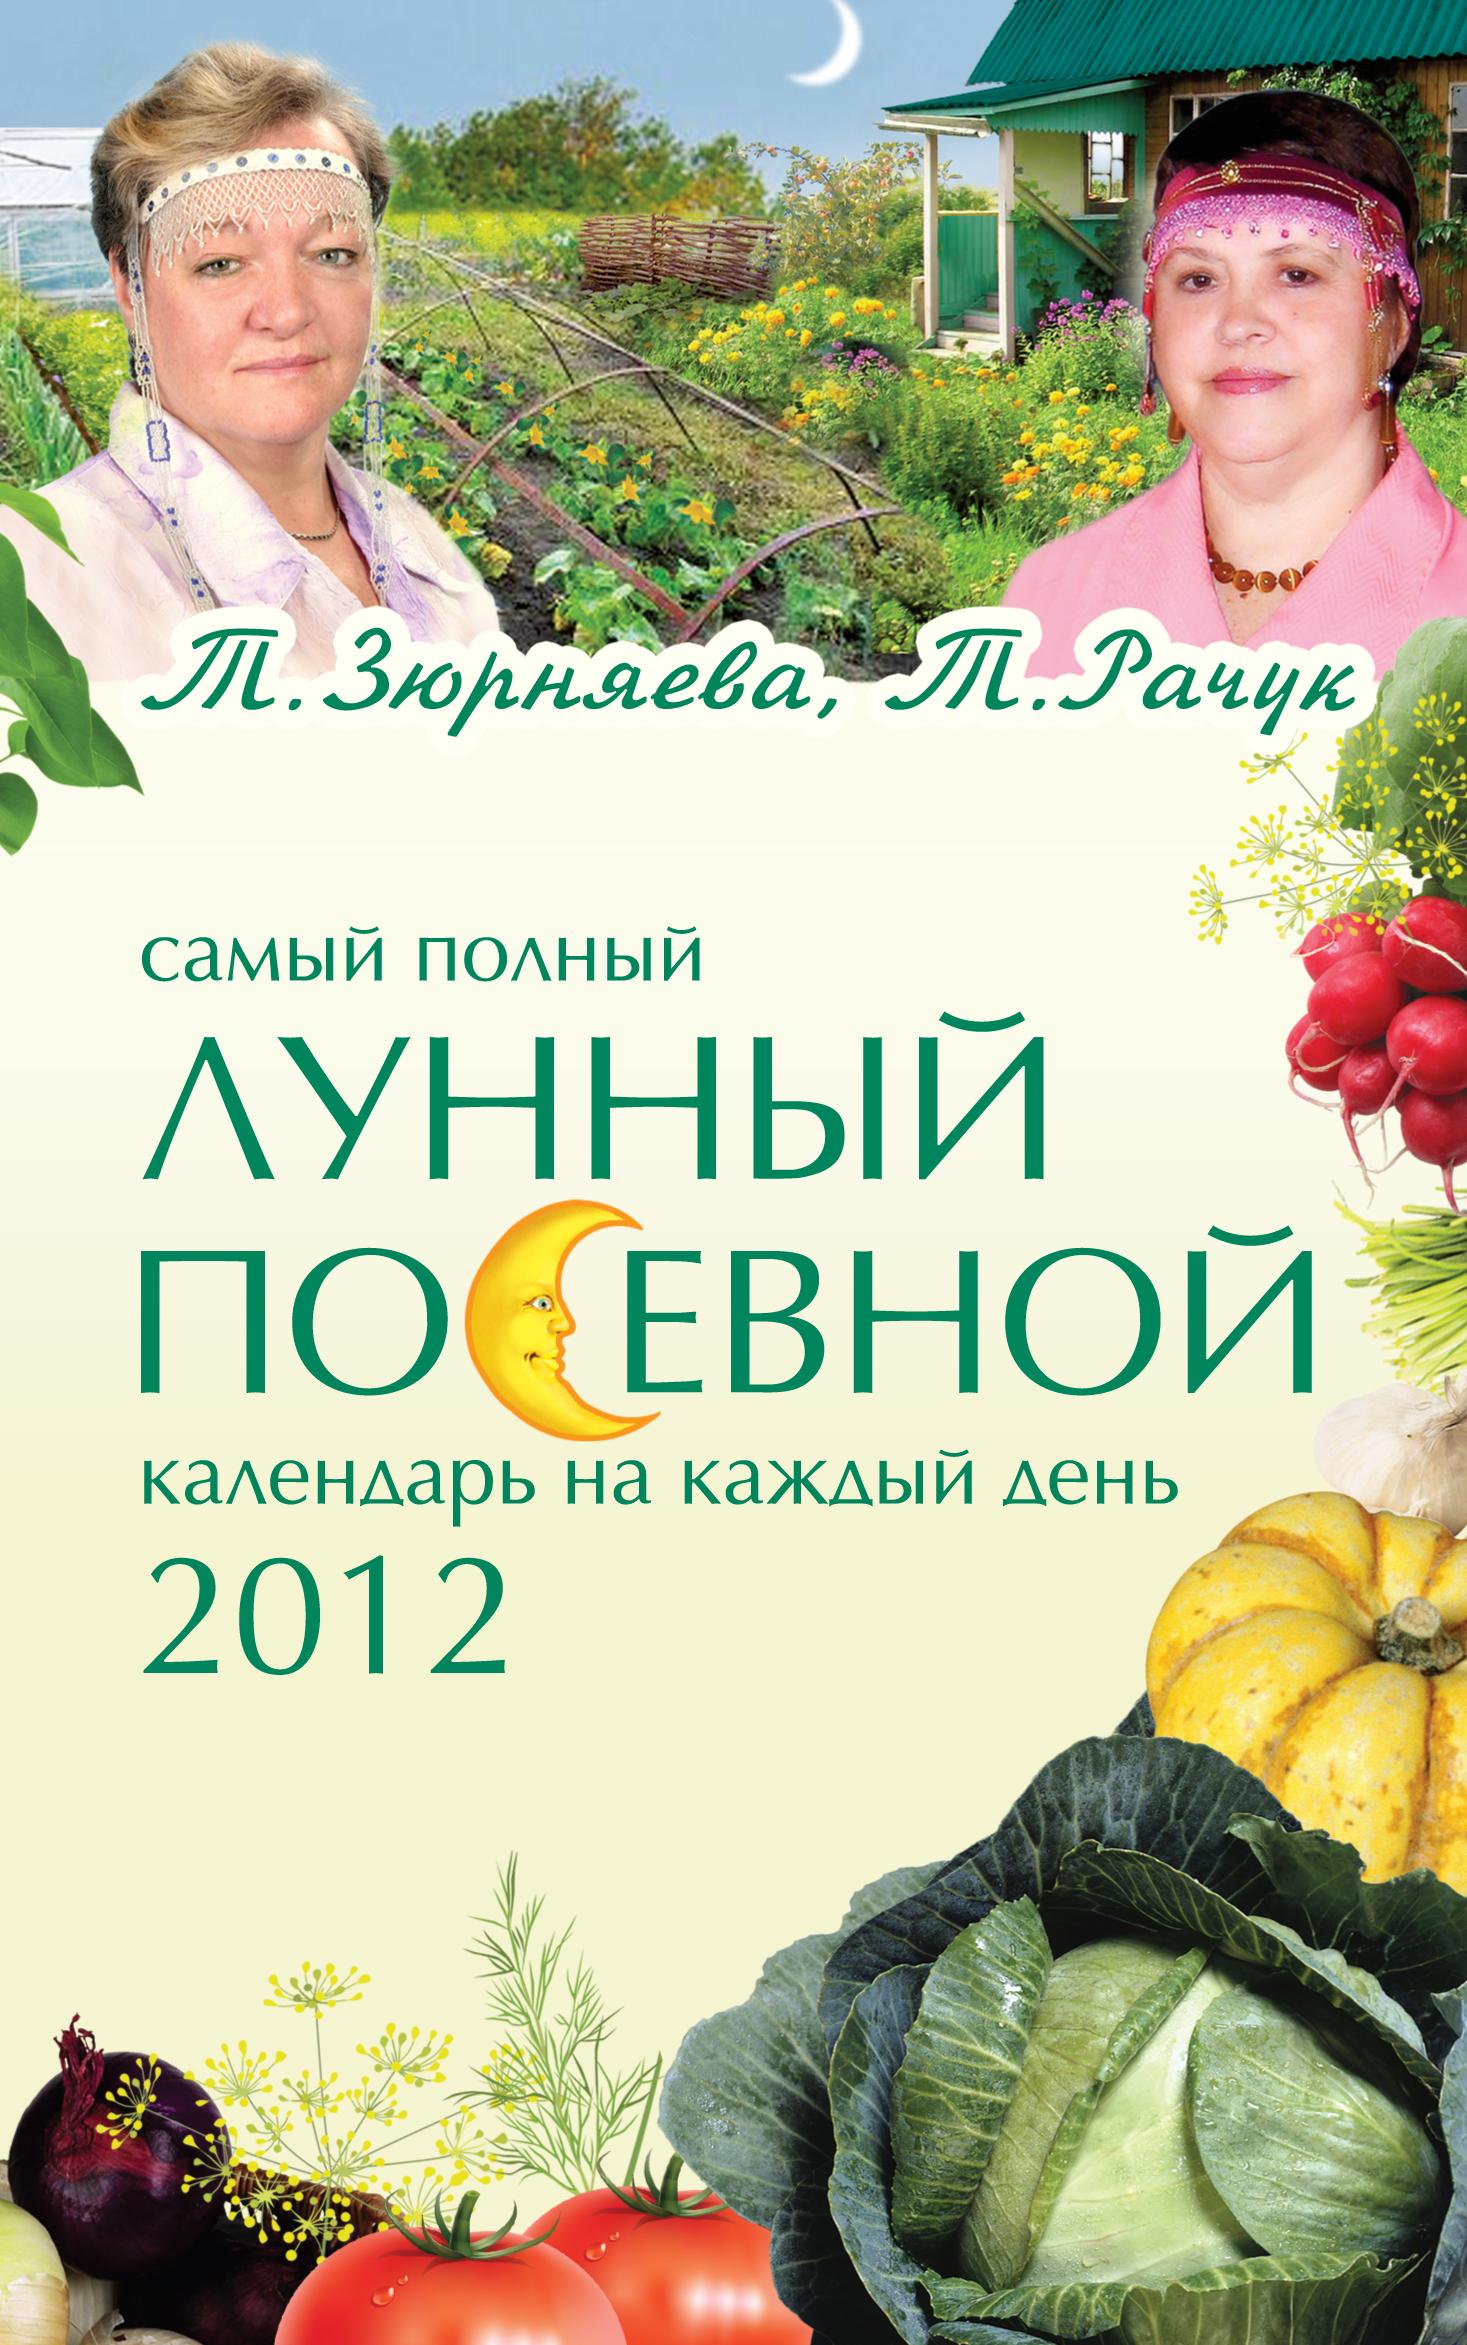 Тамара Зюрняева Самый полный лунный посевной календарь на каждый день 2012 зюрняева тамара самый подробный лунный посевной календарь на каждый день с календарем на 17 лет